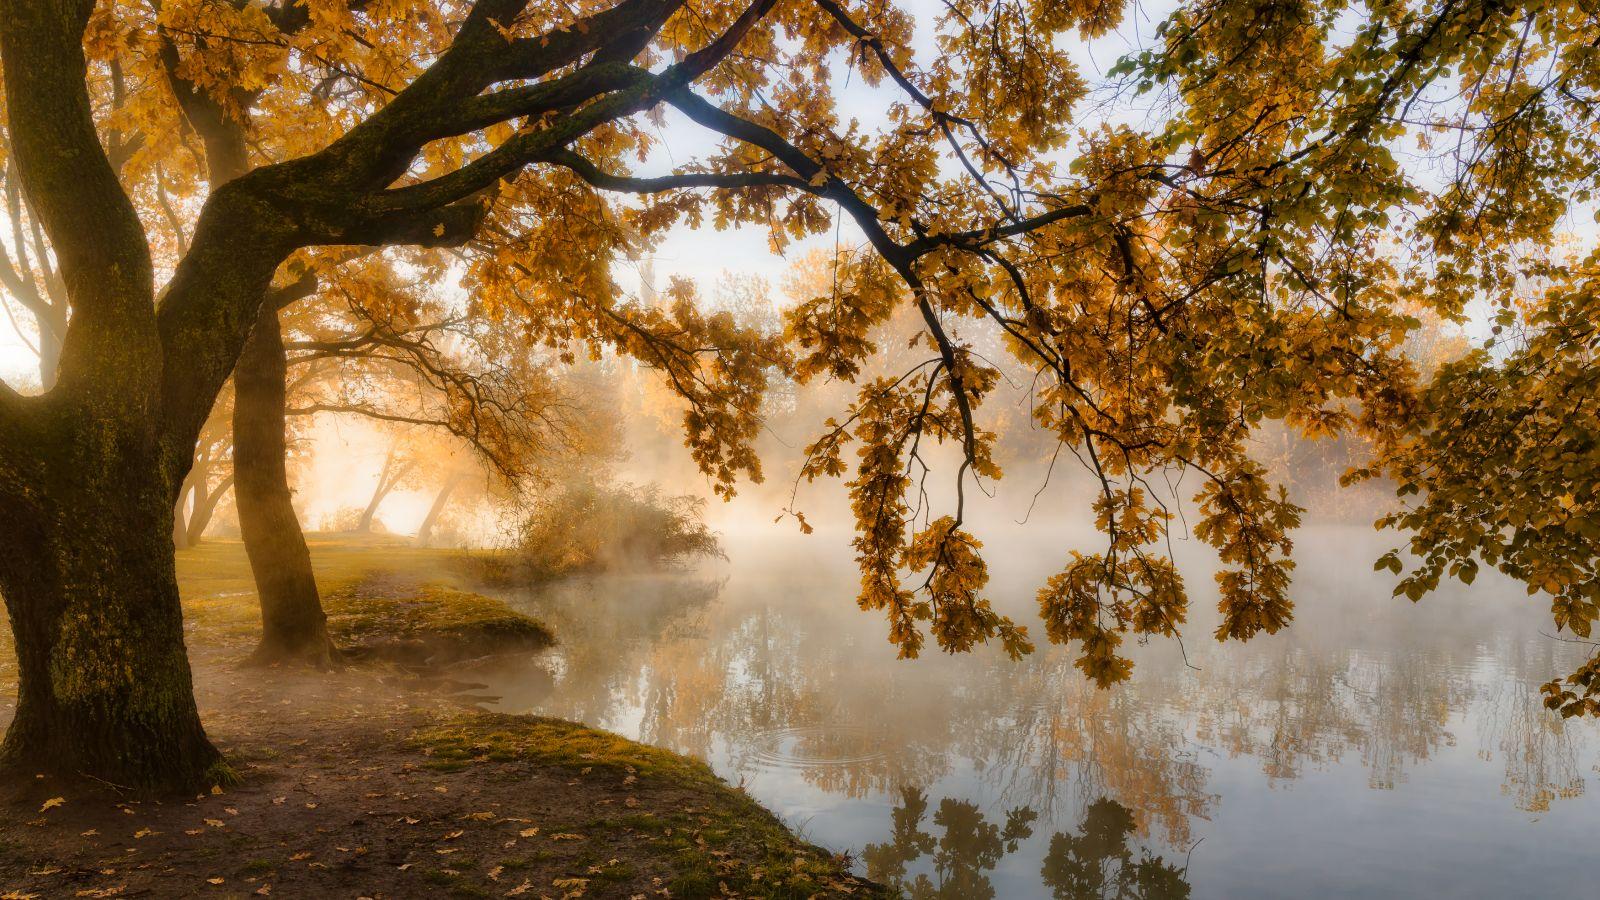 Про осень, свет и туман, © Александр Плеханов, Финалист фотоконкурса «Самая красивая страна – 2018»